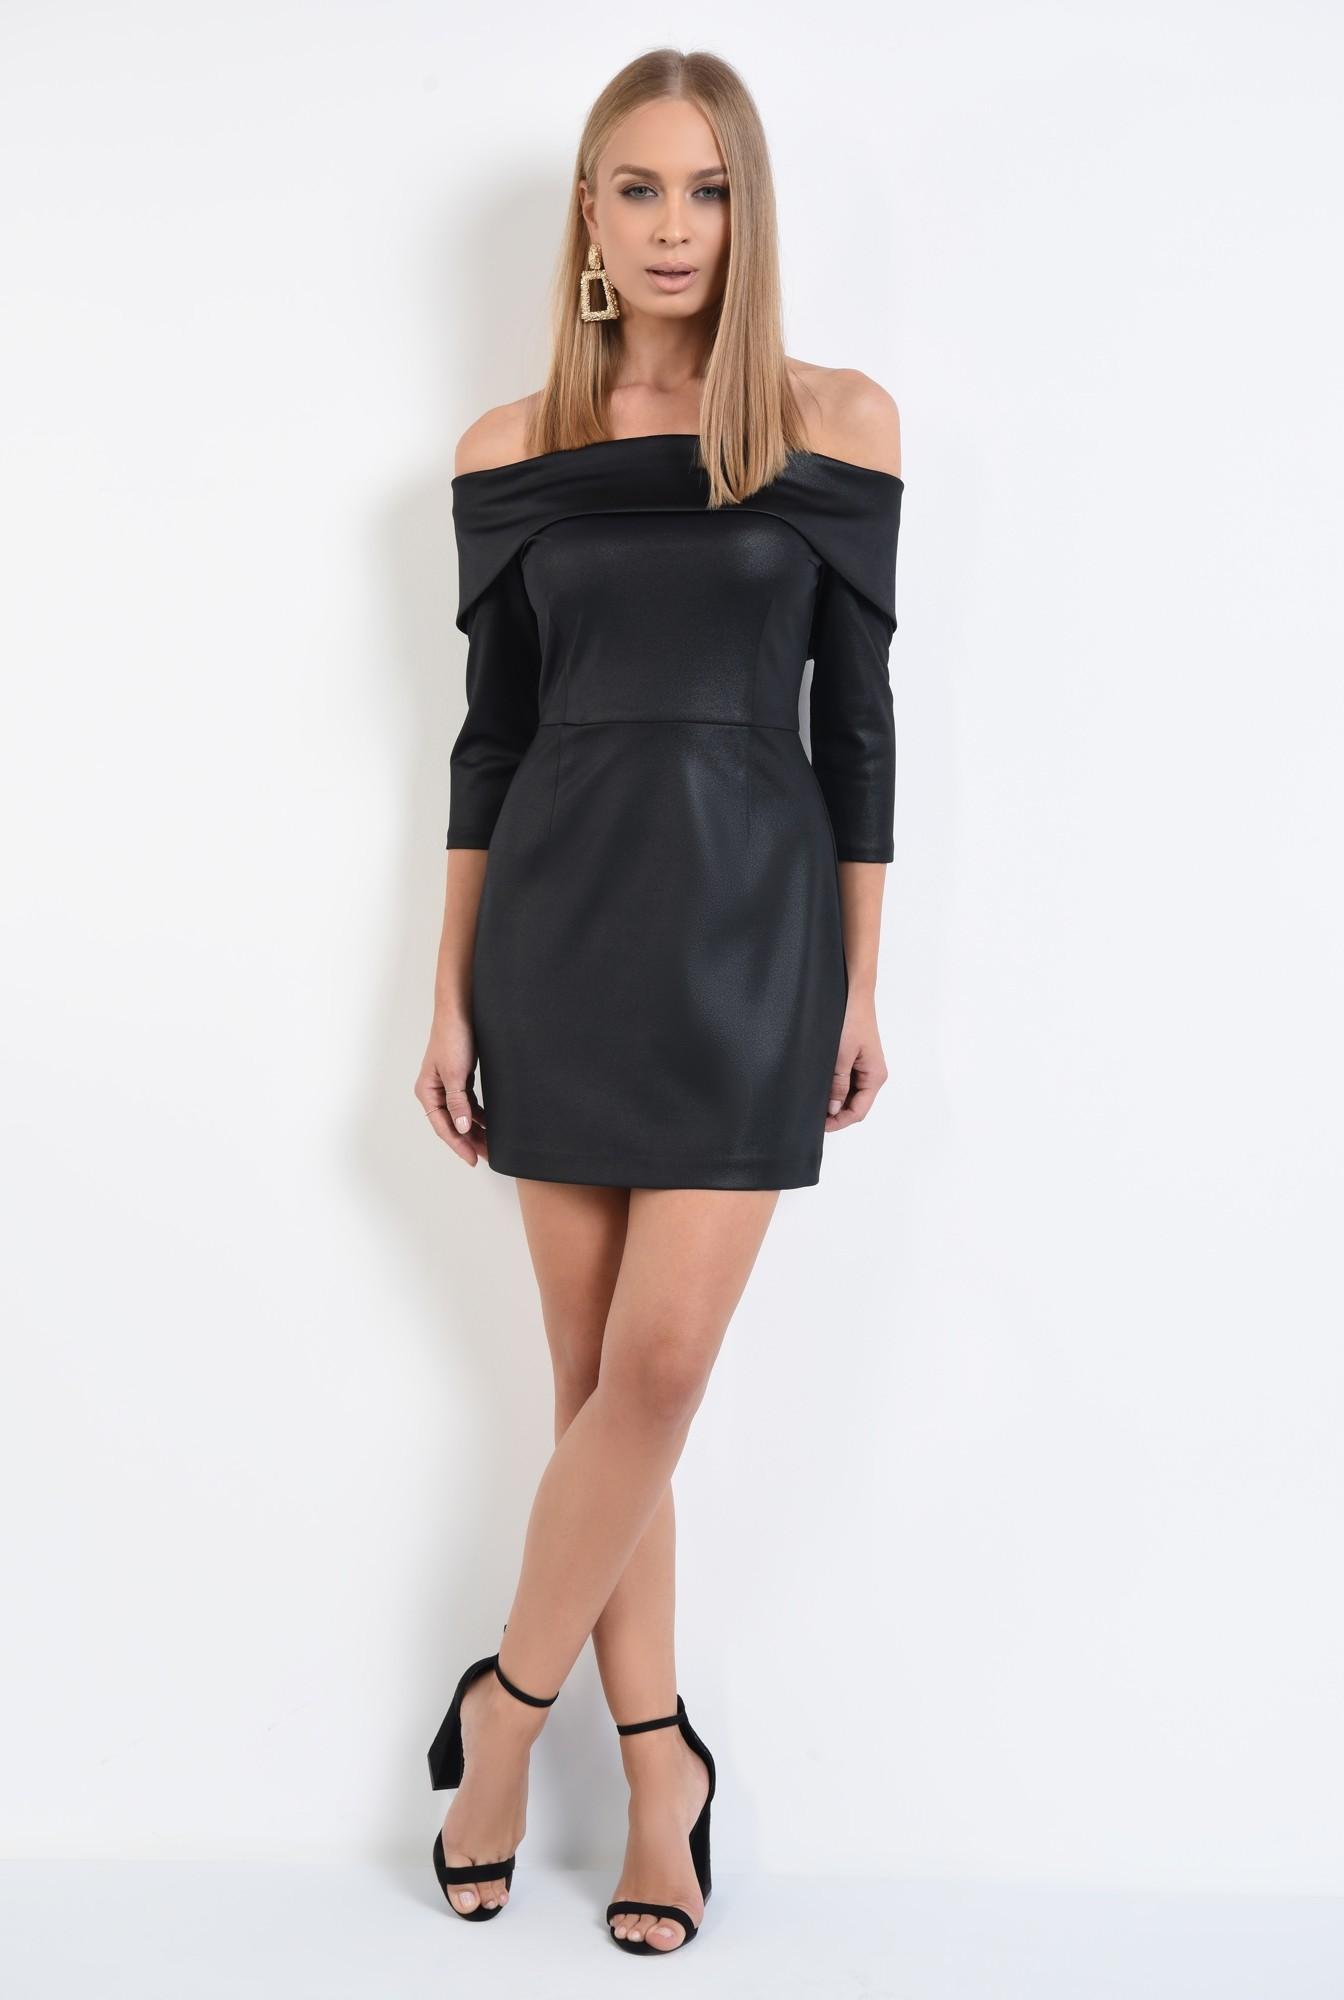 3 - rochie de seara, neagra, umeri goi, cambrata, scurta